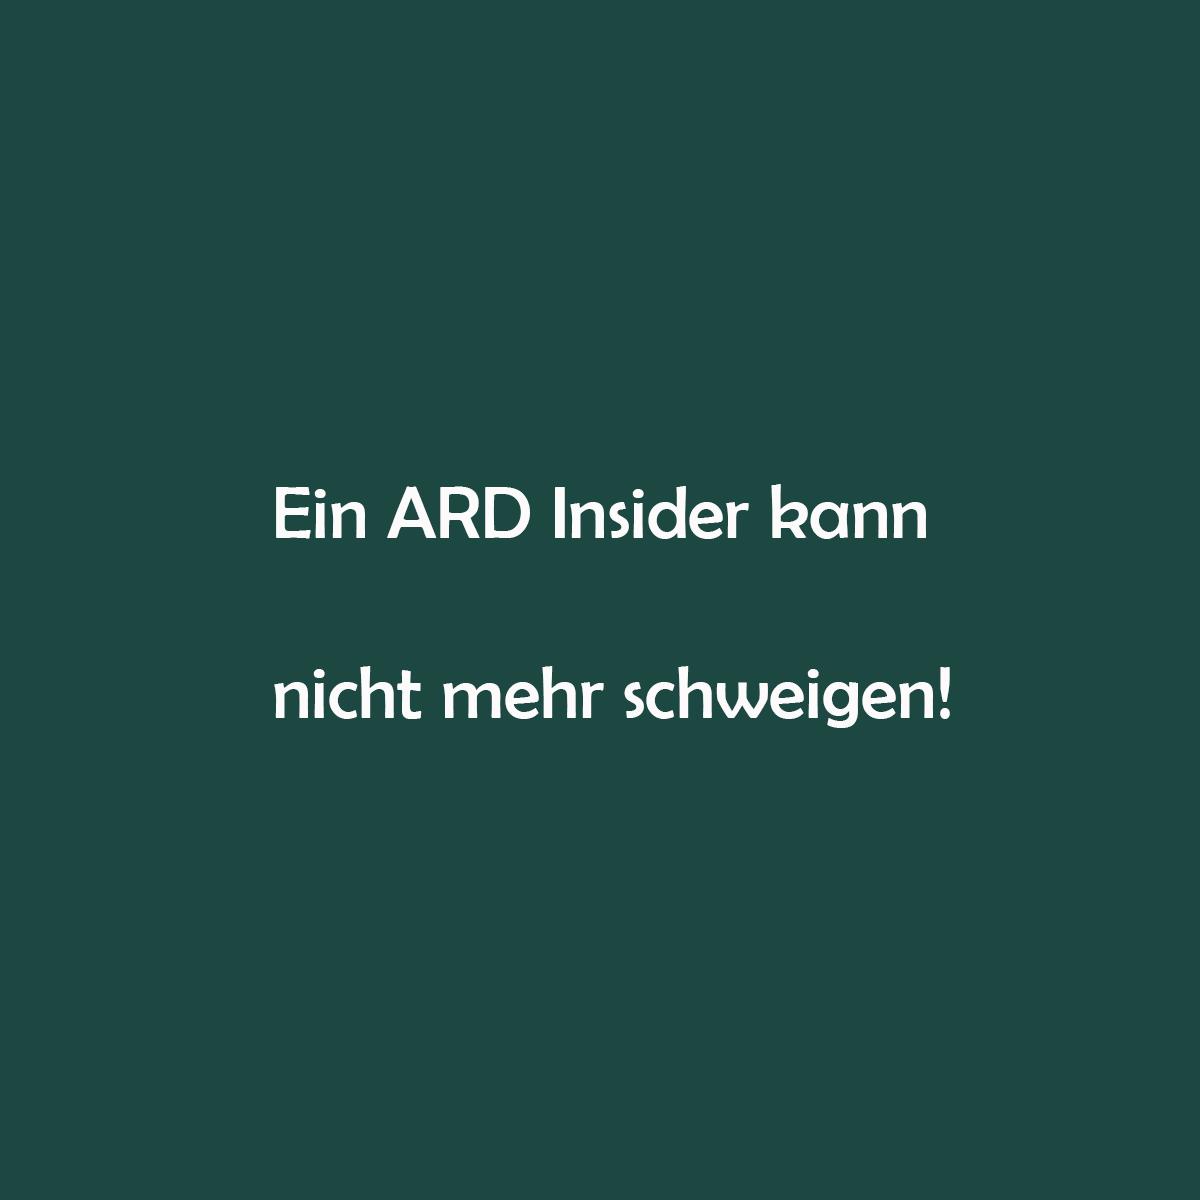 """Offener Brief eines ARD-Mitarbeiters: """"Ich kann nicht mehr schweigen"""""""